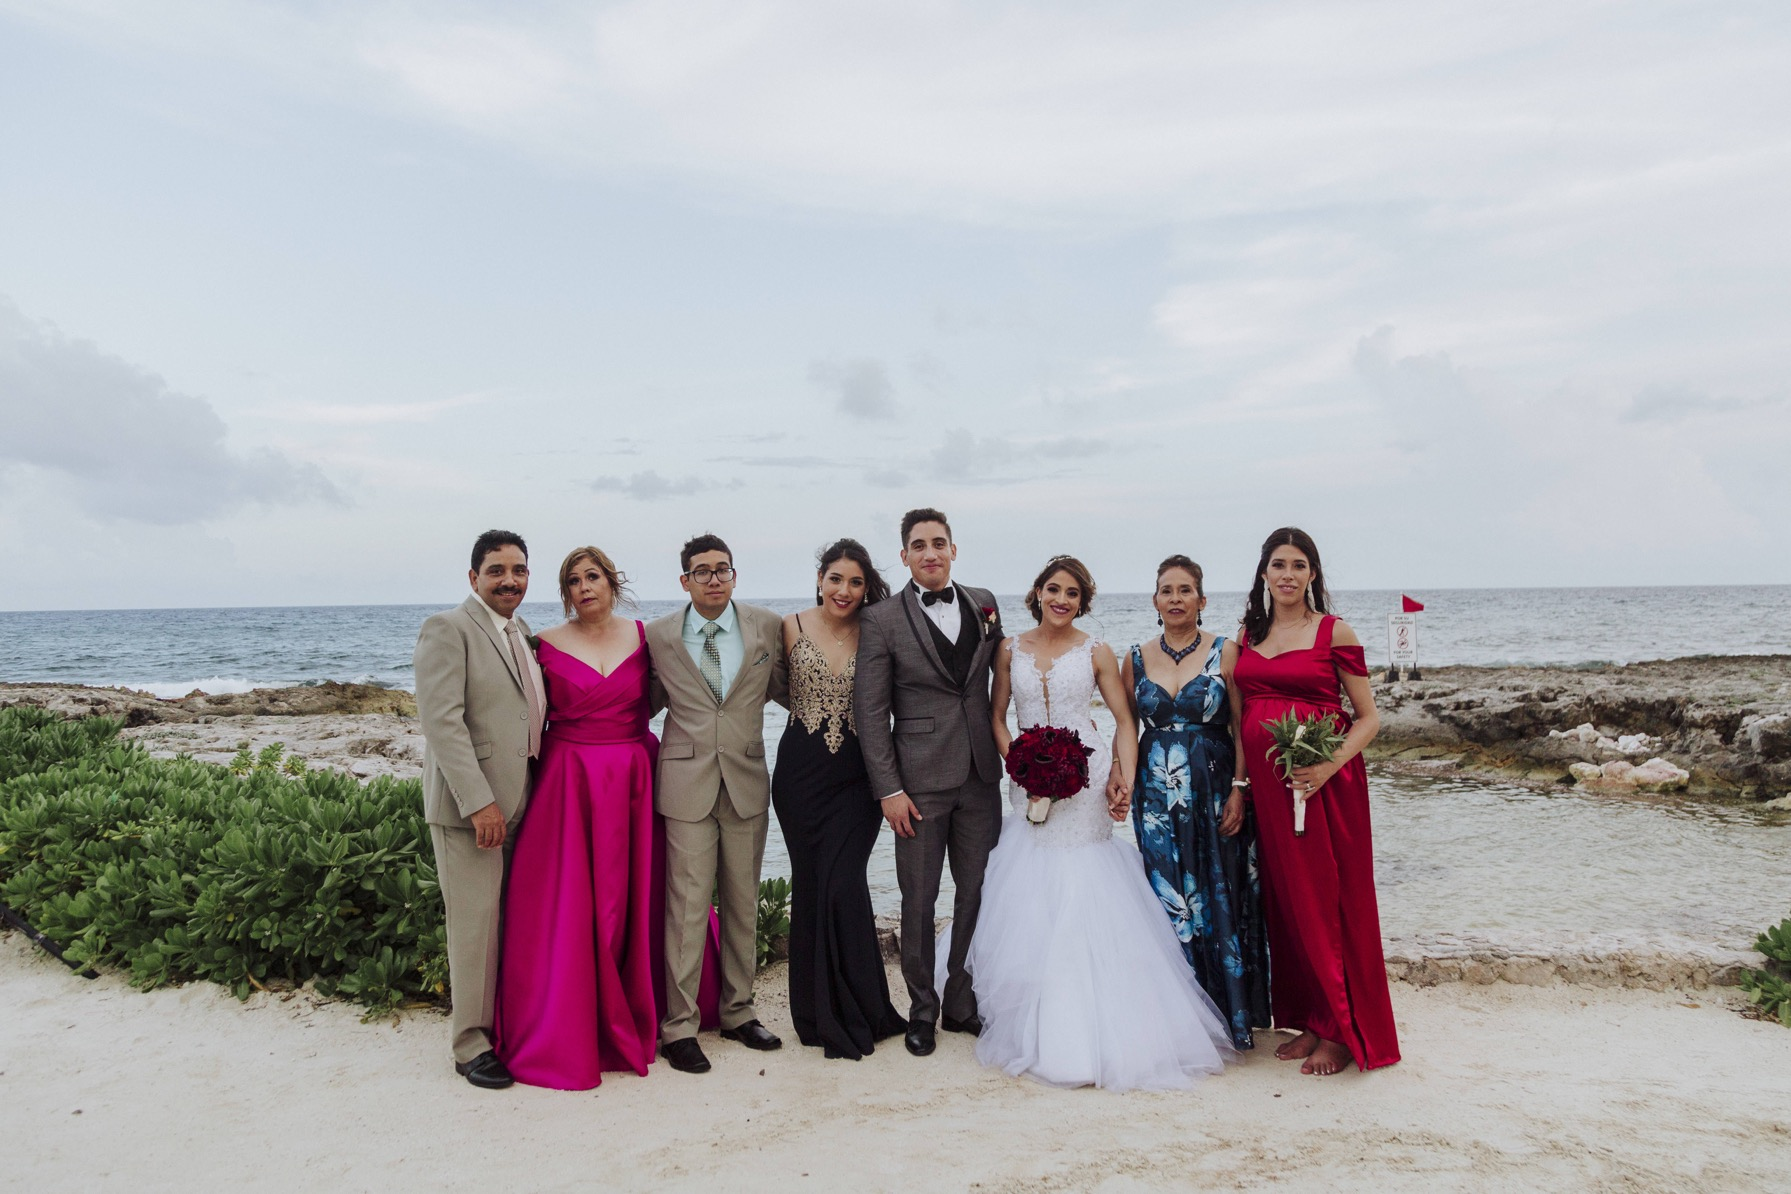 fotografo_bodas_profesional_zacatecas_riviera_maya_cancun-269